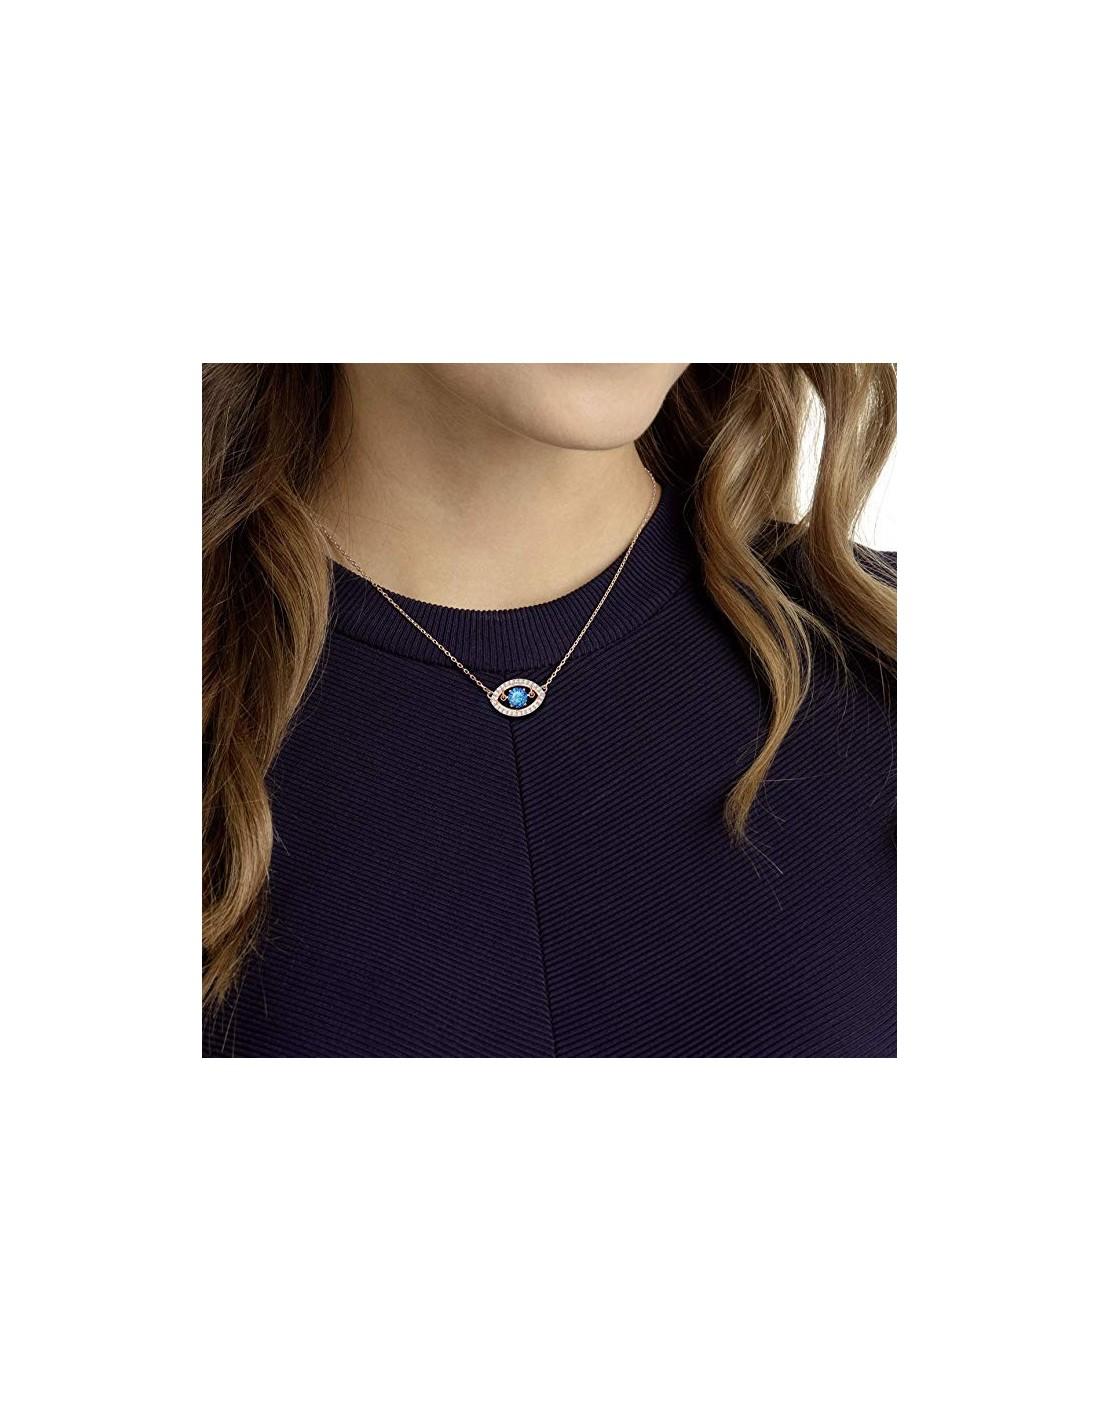 Necklace Luckily Evil Eye jewelery Swarovski rose gold plated 5448611